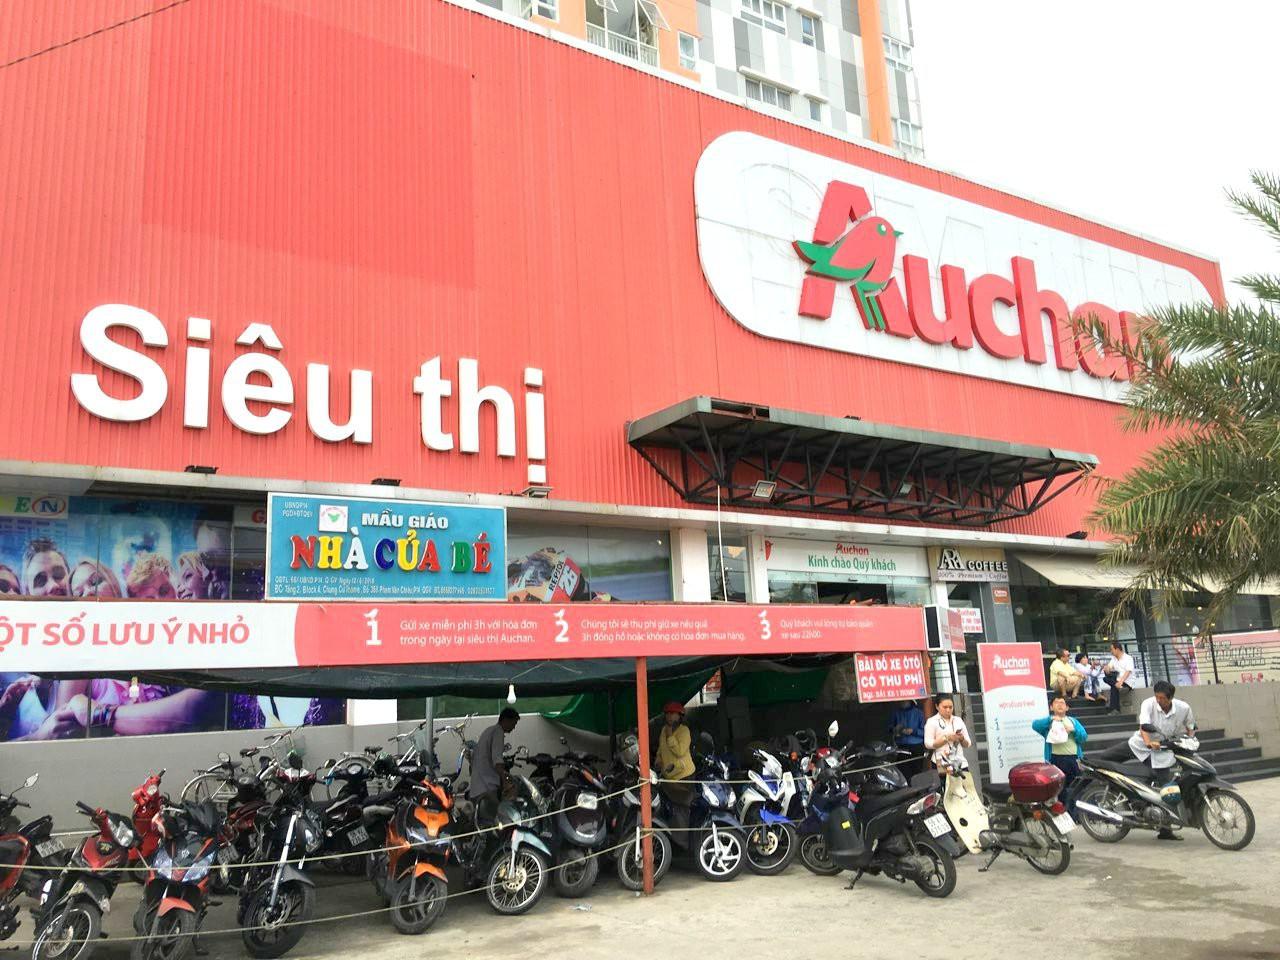 Các nỗ lực tiếp thị, giảm giá cuối cùng của Auchan trước khi rút khỏi Việt Nam - Ảnh 4.